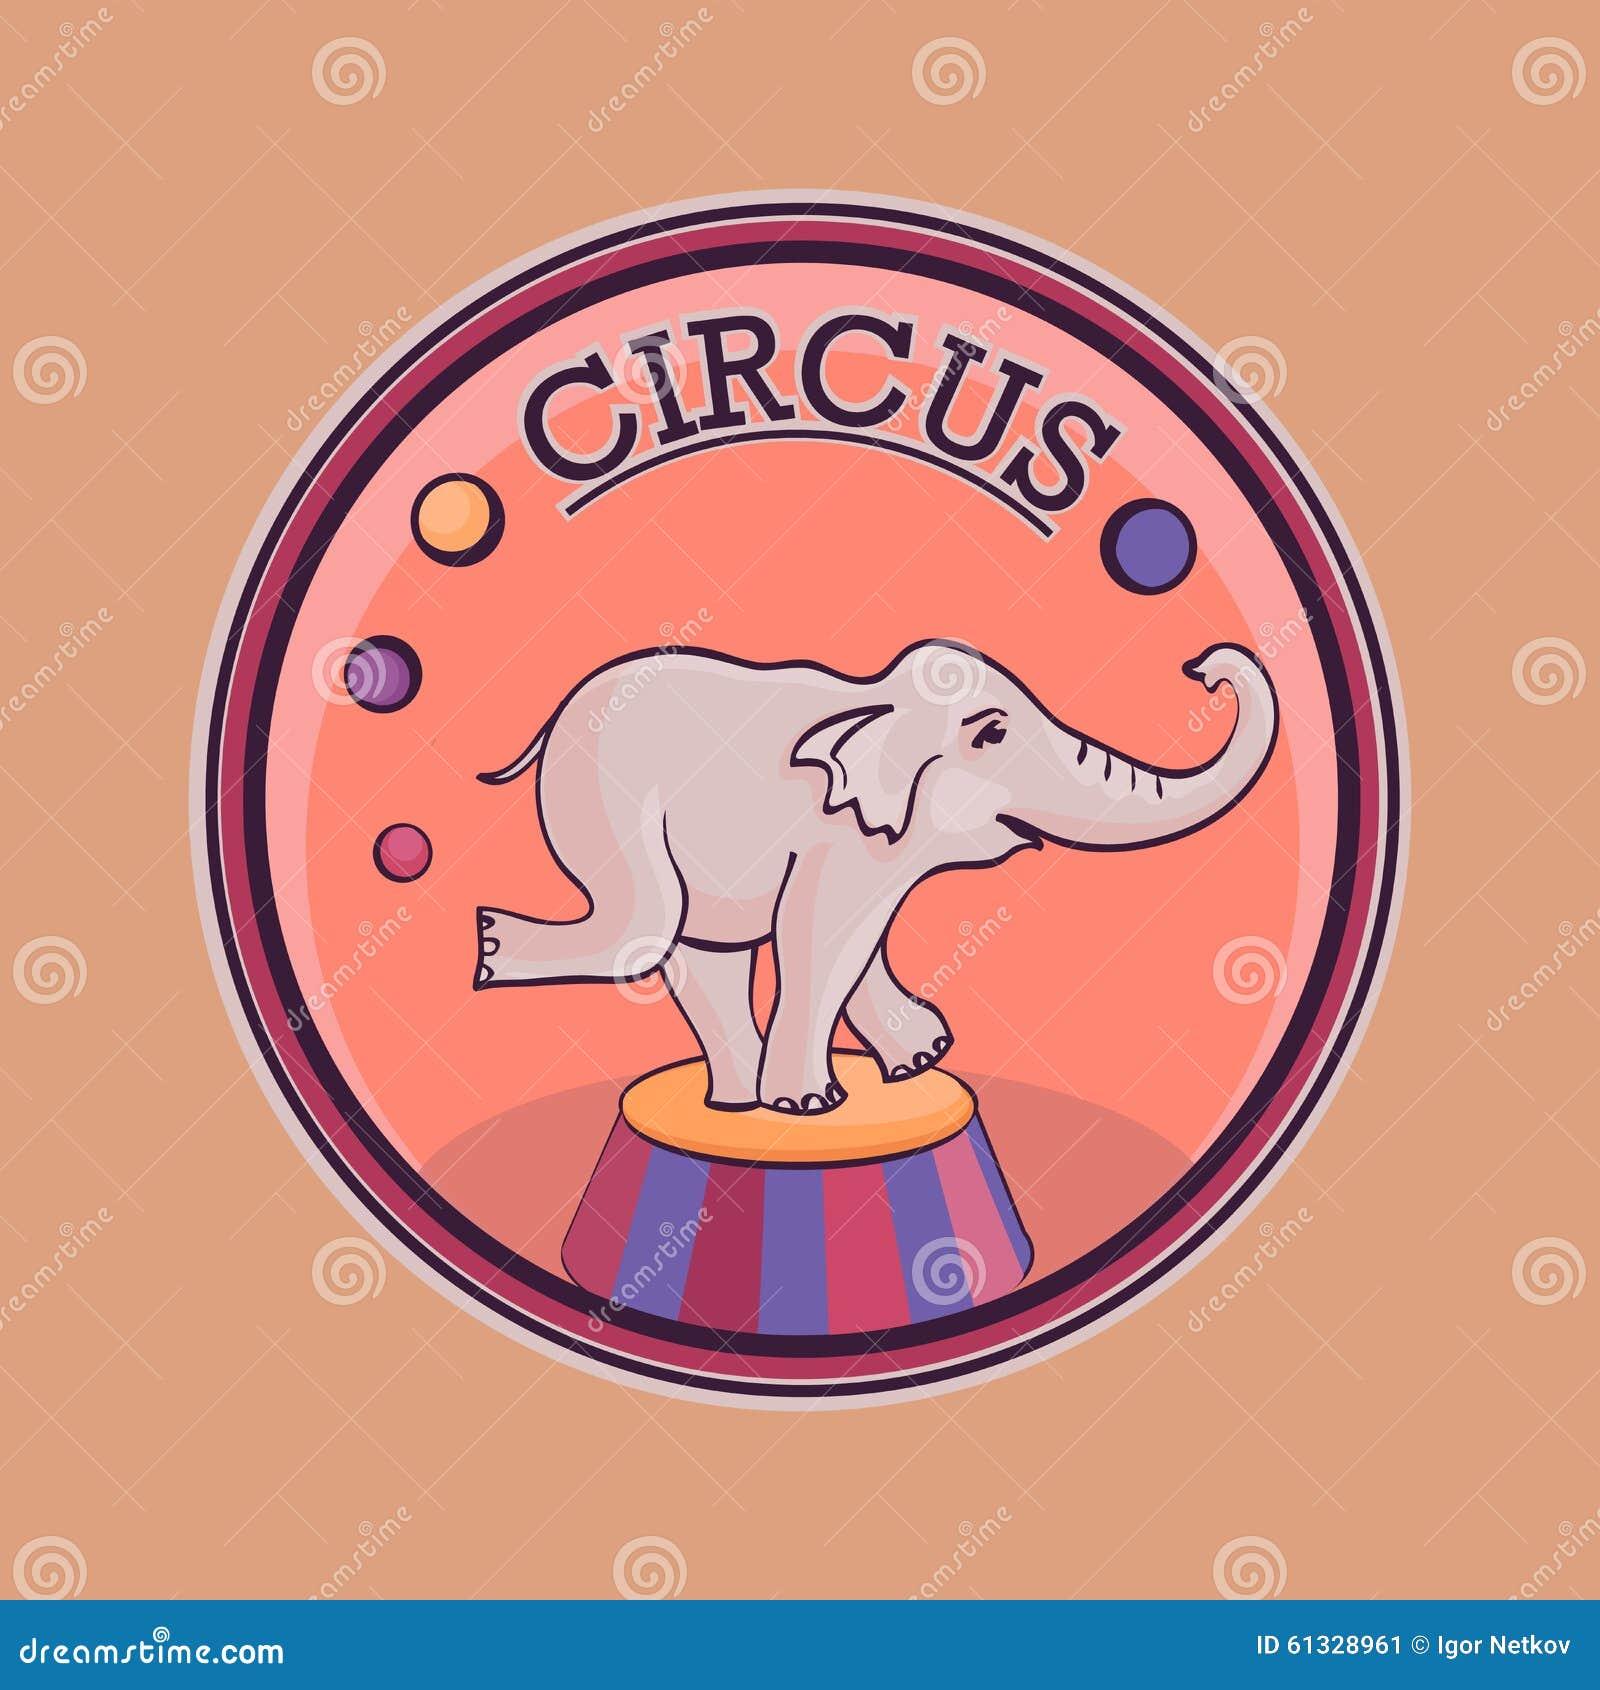 цирк картинки нарисованные